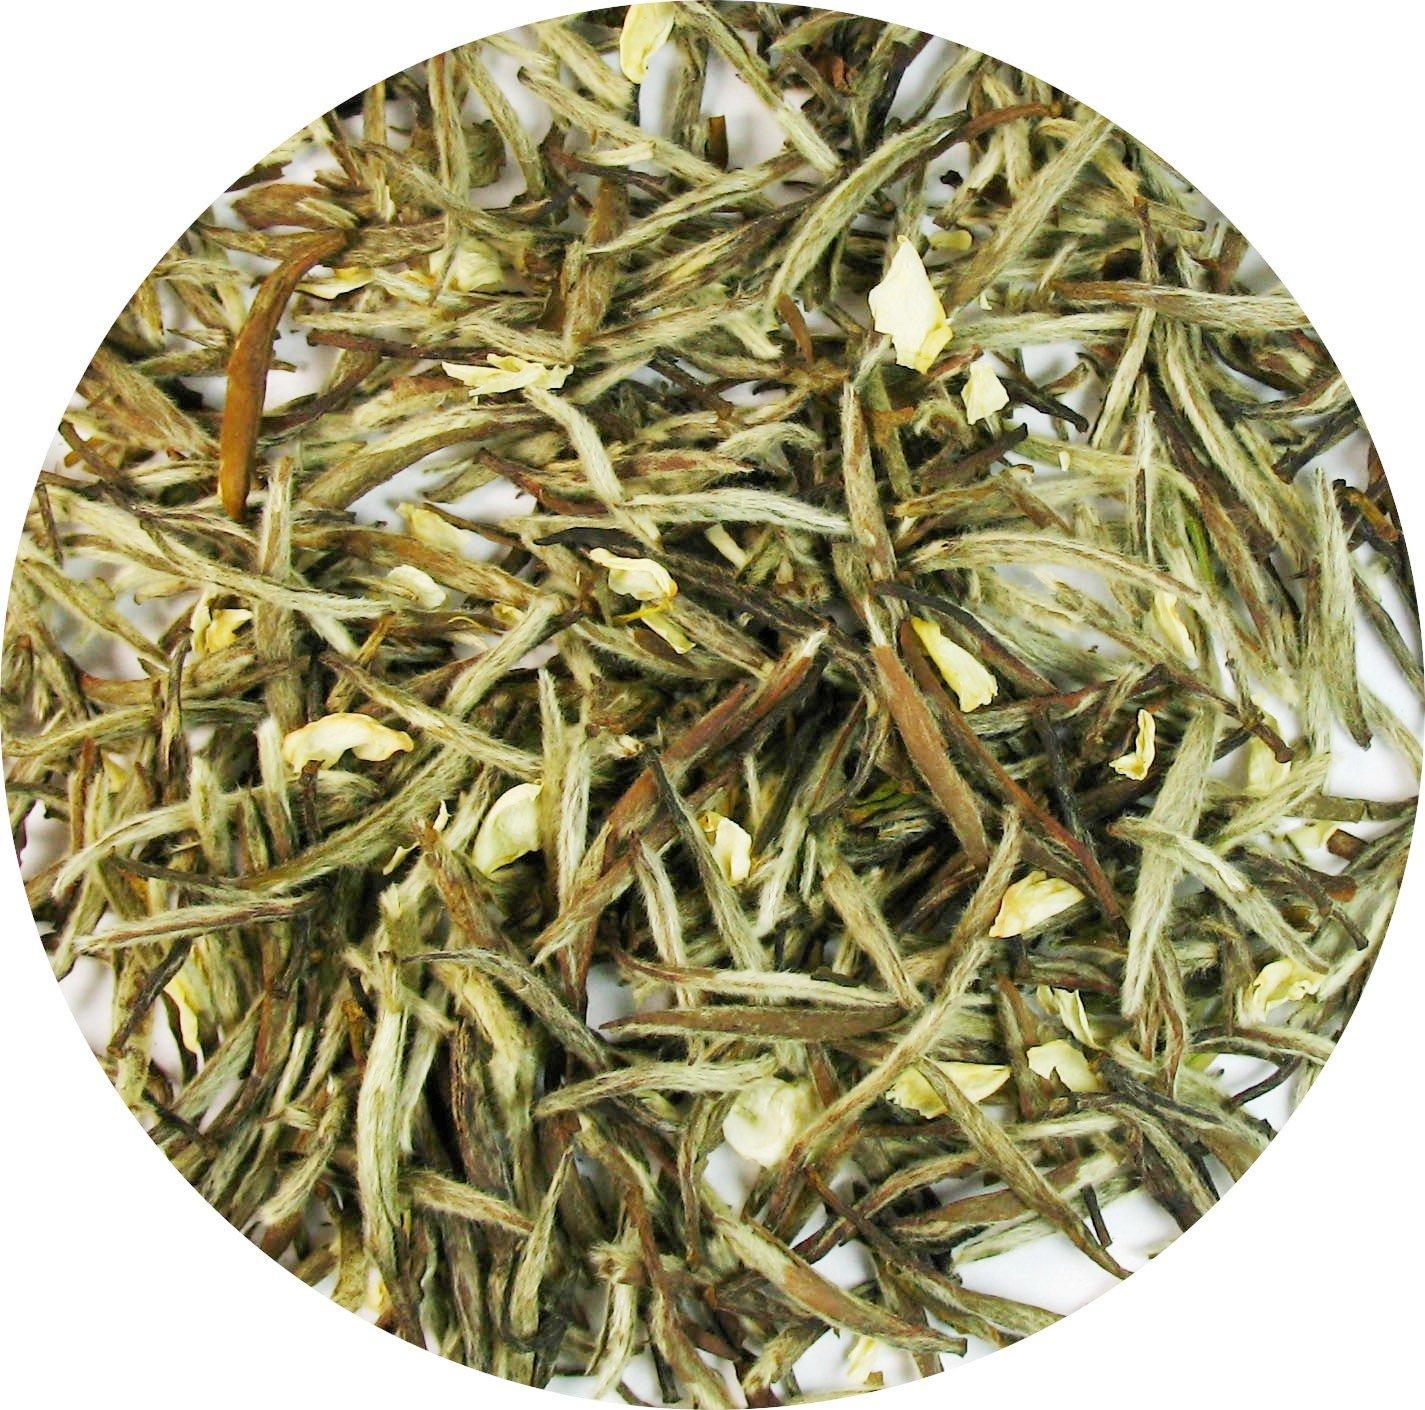 Jasmine Silver Needle White Tea,best white tea with all tippy- 1 LB Tea